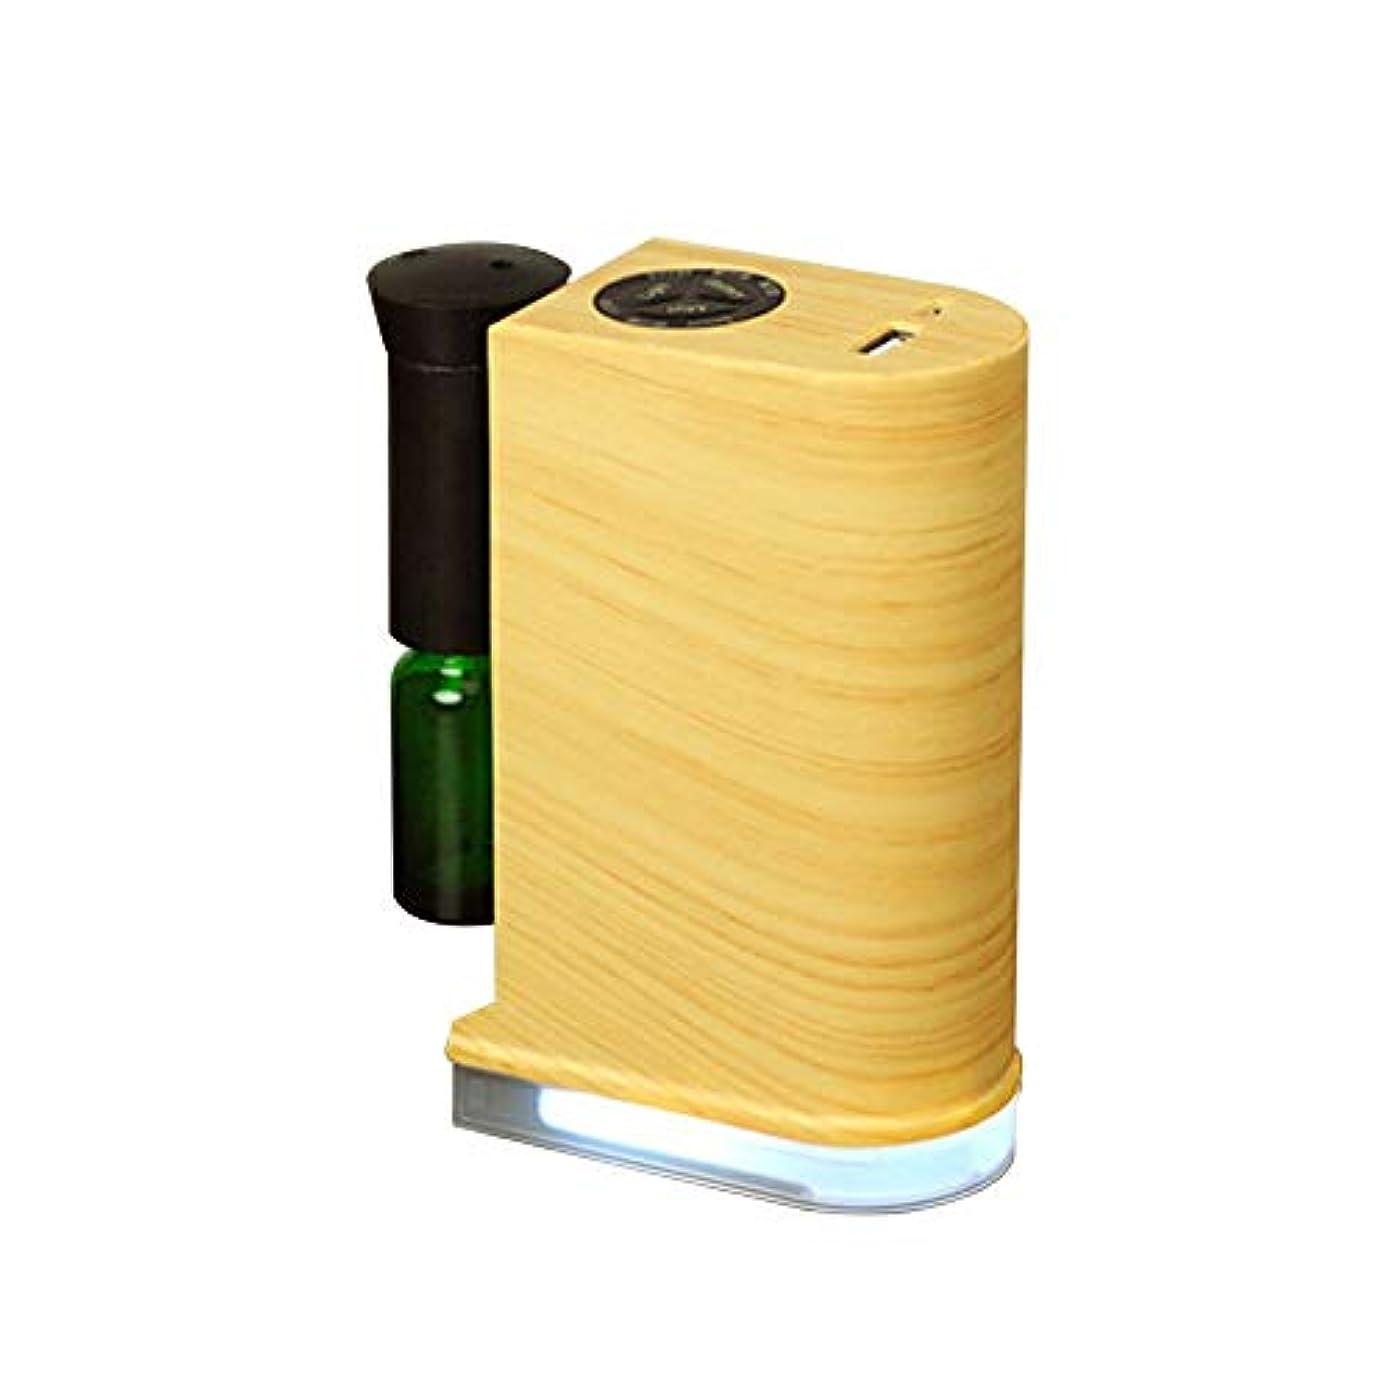 論争的不実いつでもアロマディフューザー 木目調 ネブライザー式 USBポート付き 癒しの空間 卓上 アロマライト アロマオイル スマホ充電可能 オフィス リビング ナチュラル